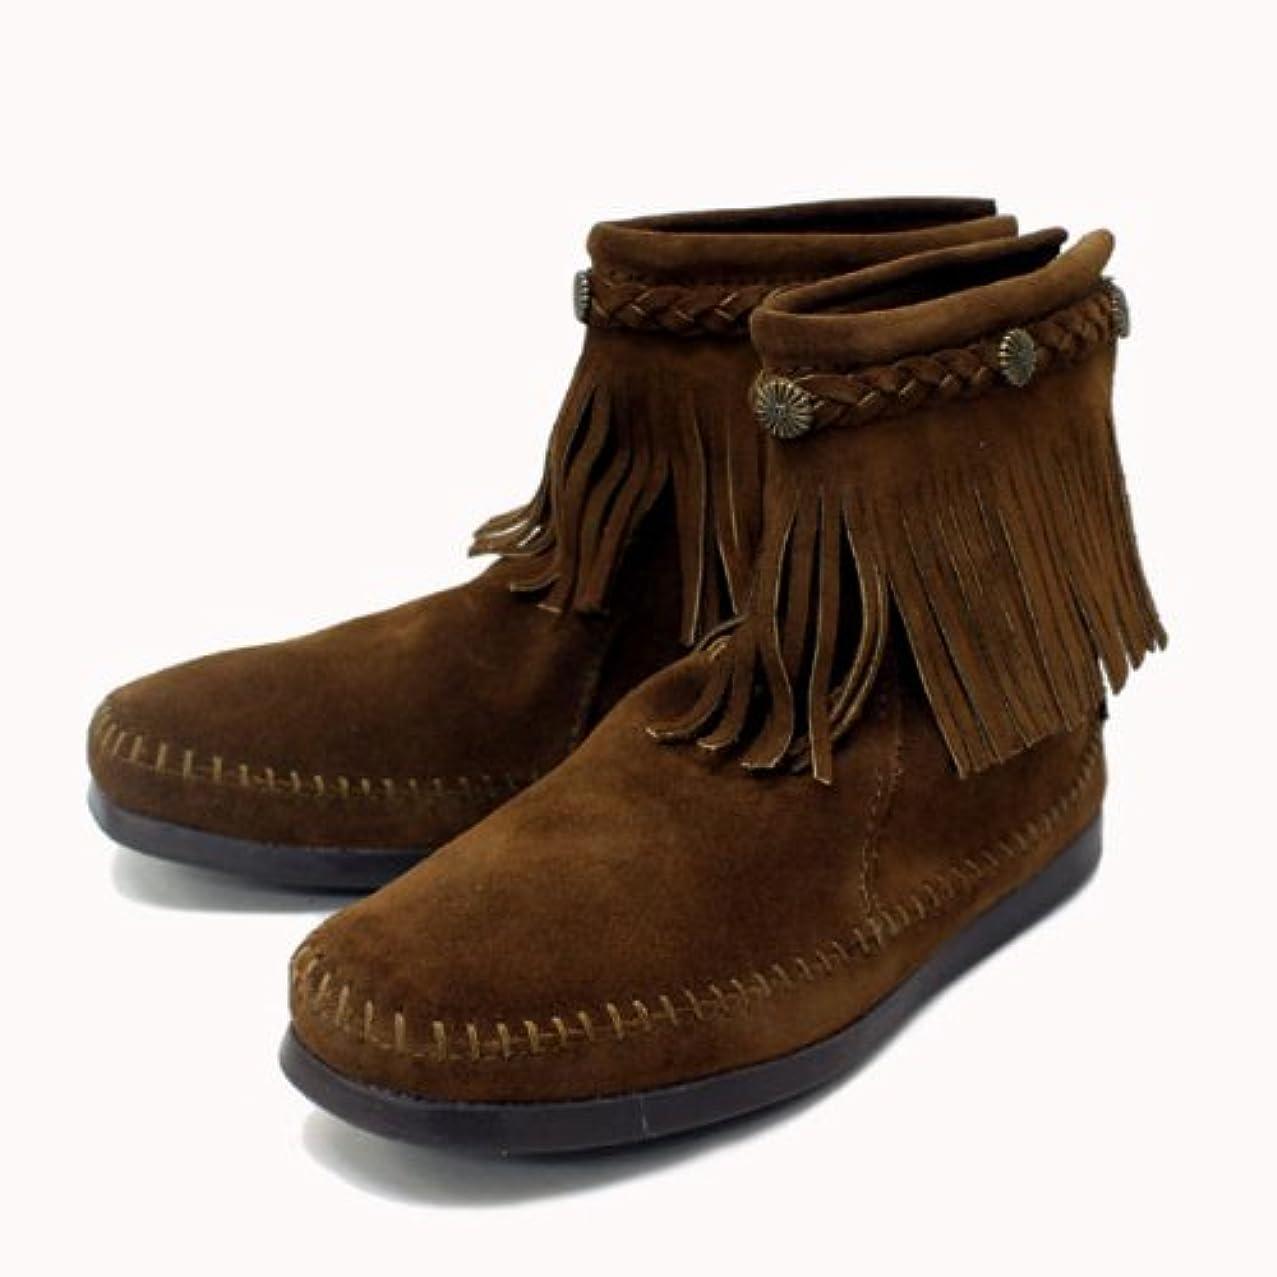 折る研磨電卓[ミネトンカ] Hi Top Back Zip Boots(ハイトップバックジップブーツ)#293 DUSTY BROWN SUEDE レディース MT221